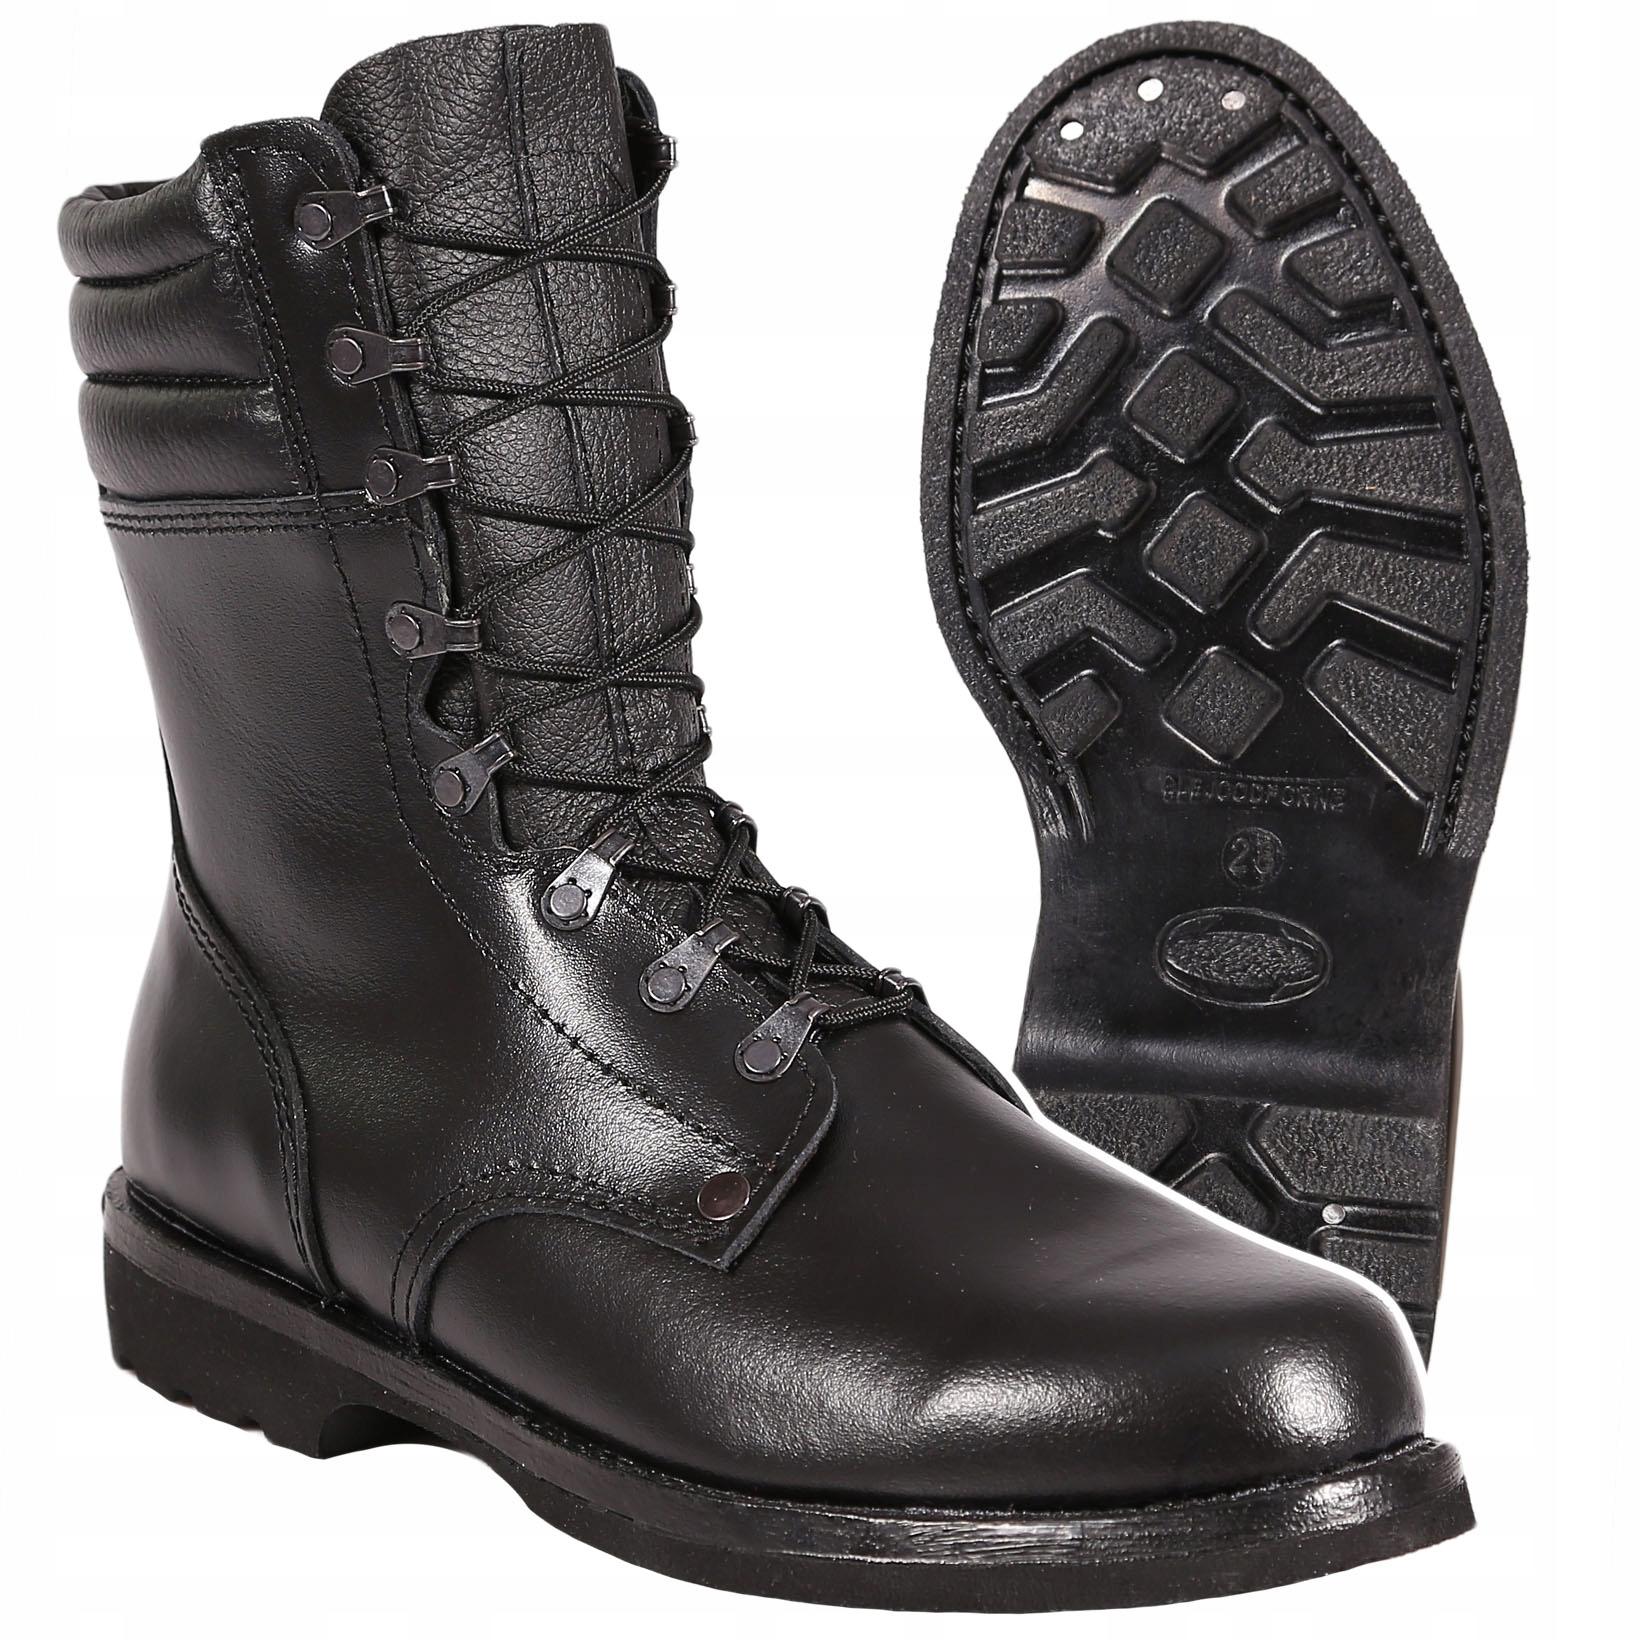 2b8022caa0274 buty 44 w kategorii Militaria w Oficjalnym Archiwum Allegro - archiwum ofert